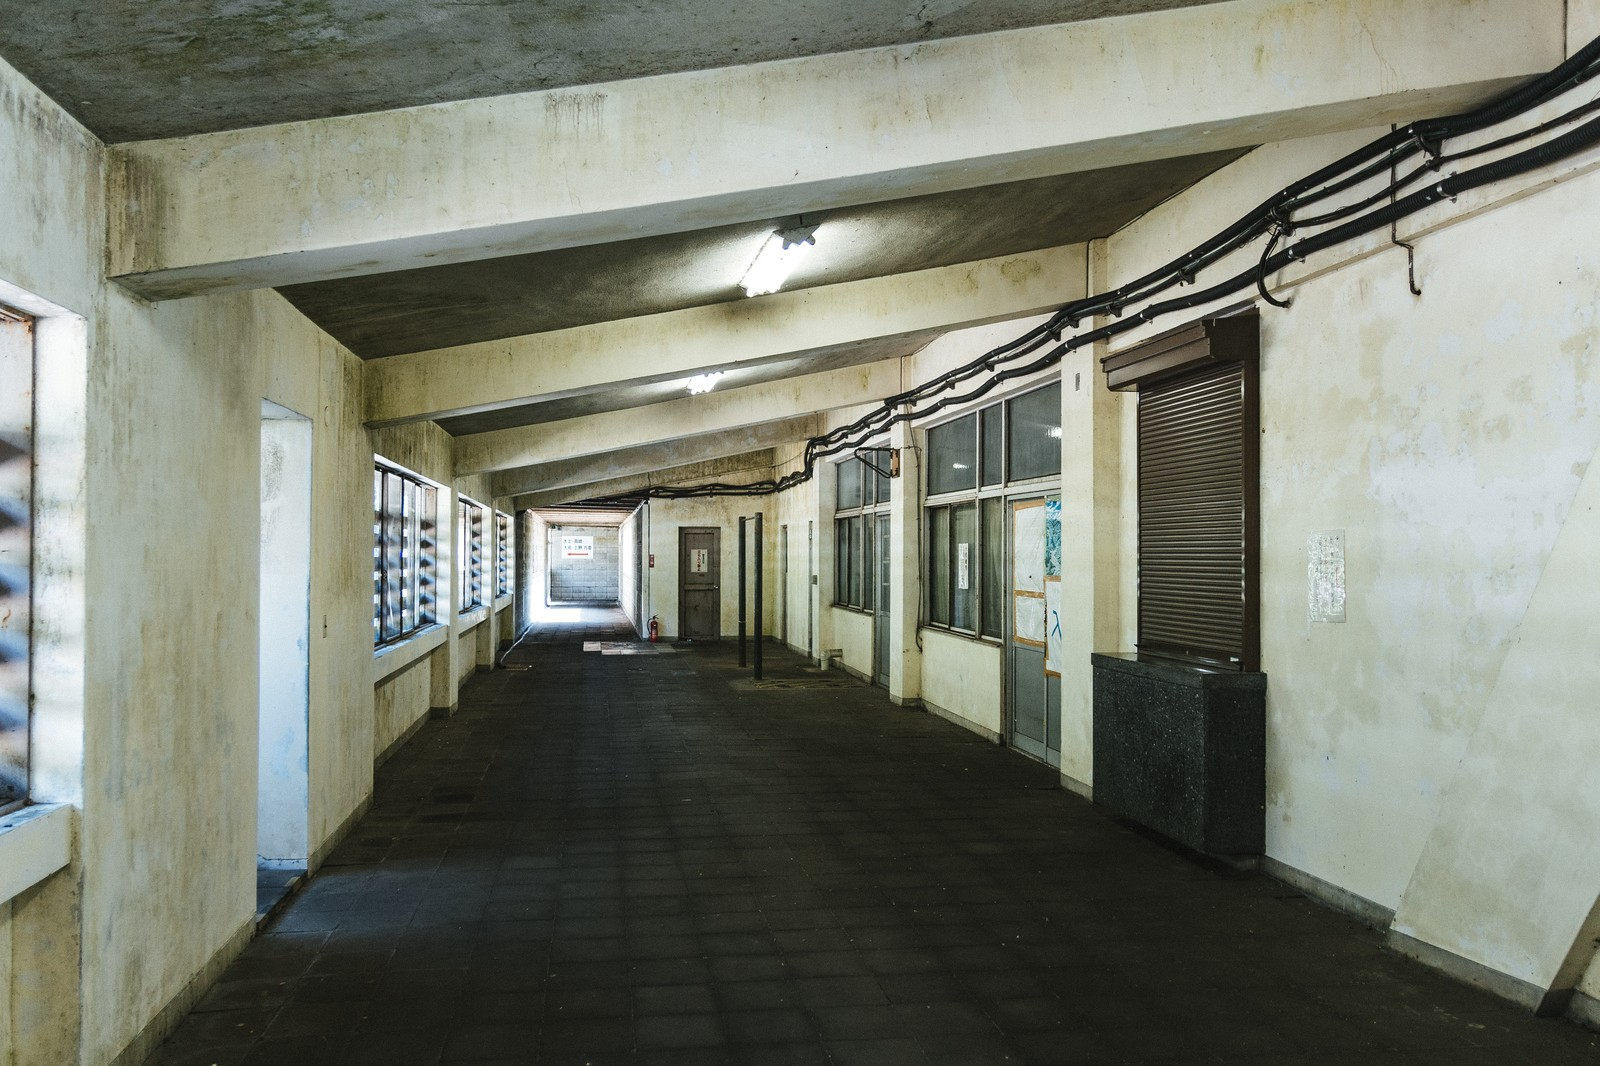 「土合駅内の通路」の写真